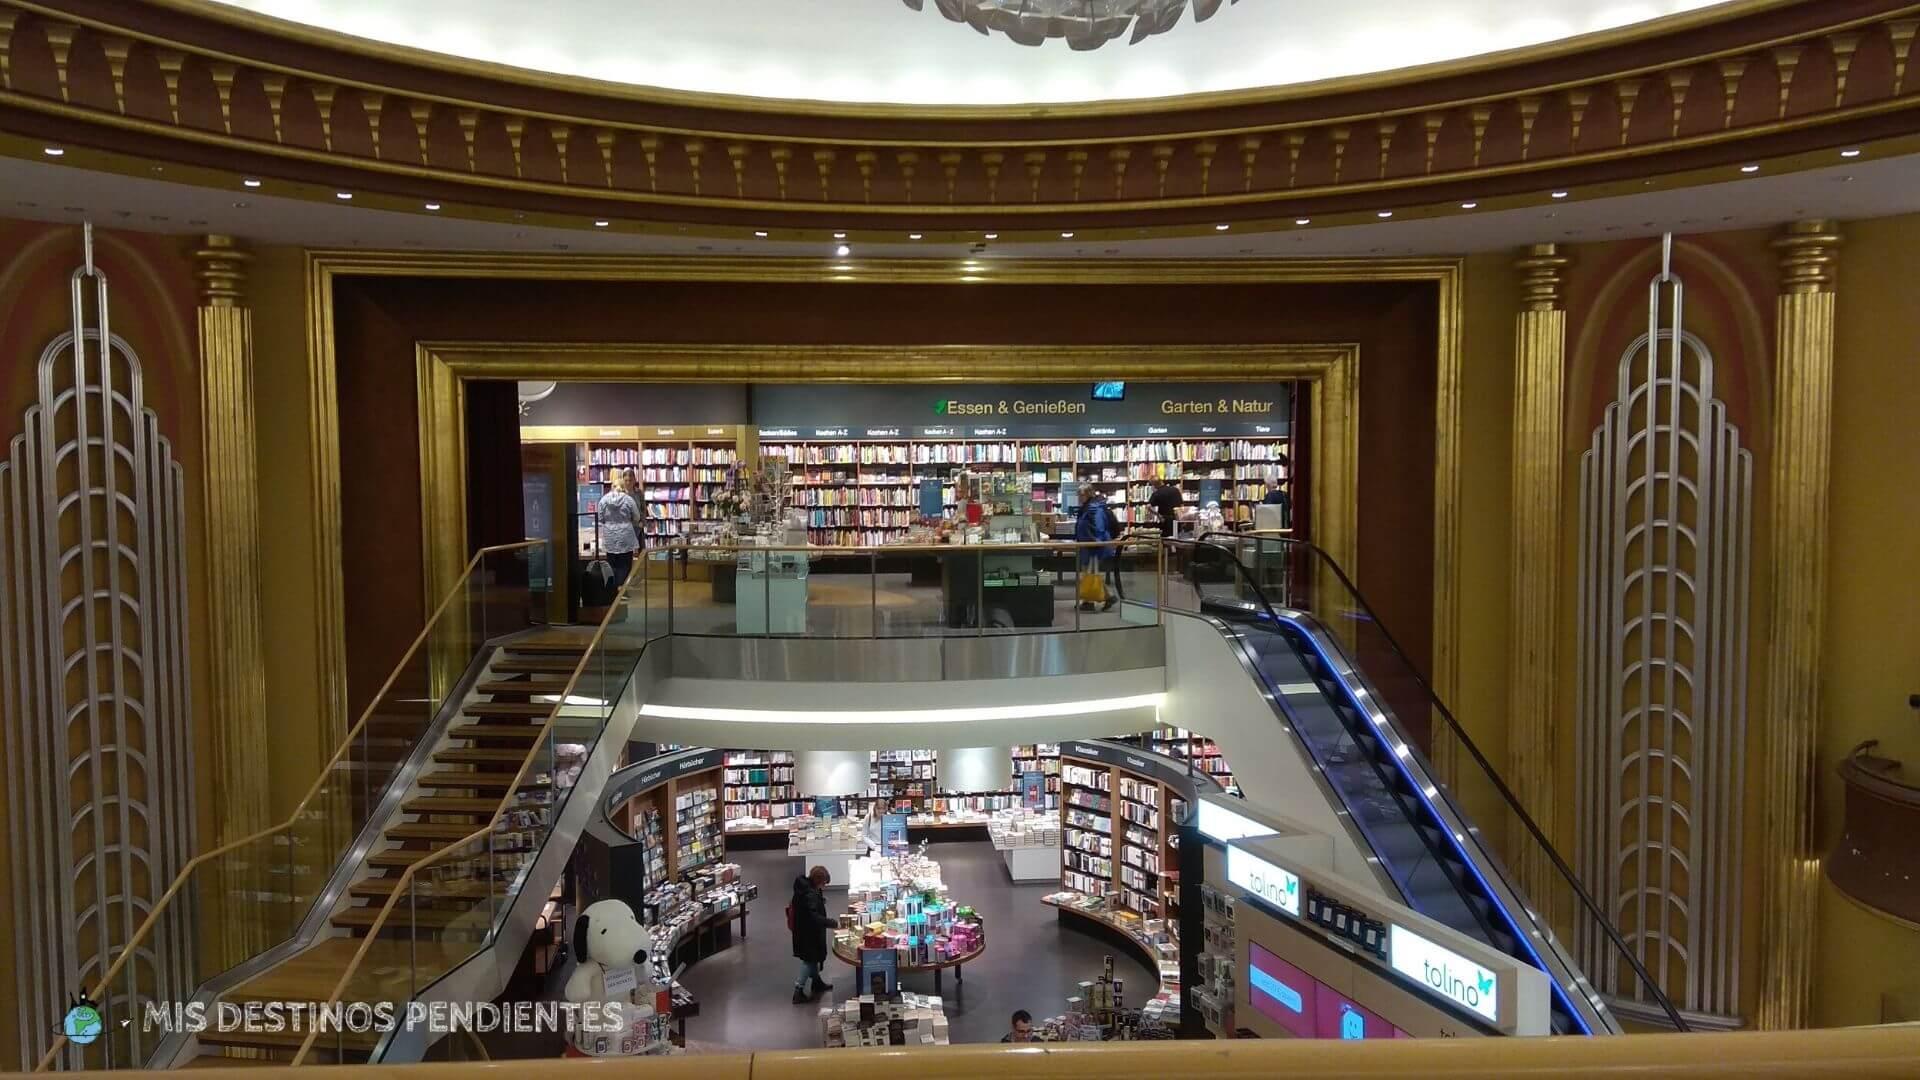 Interior de la librería Thalia (Bonn, Alemania)